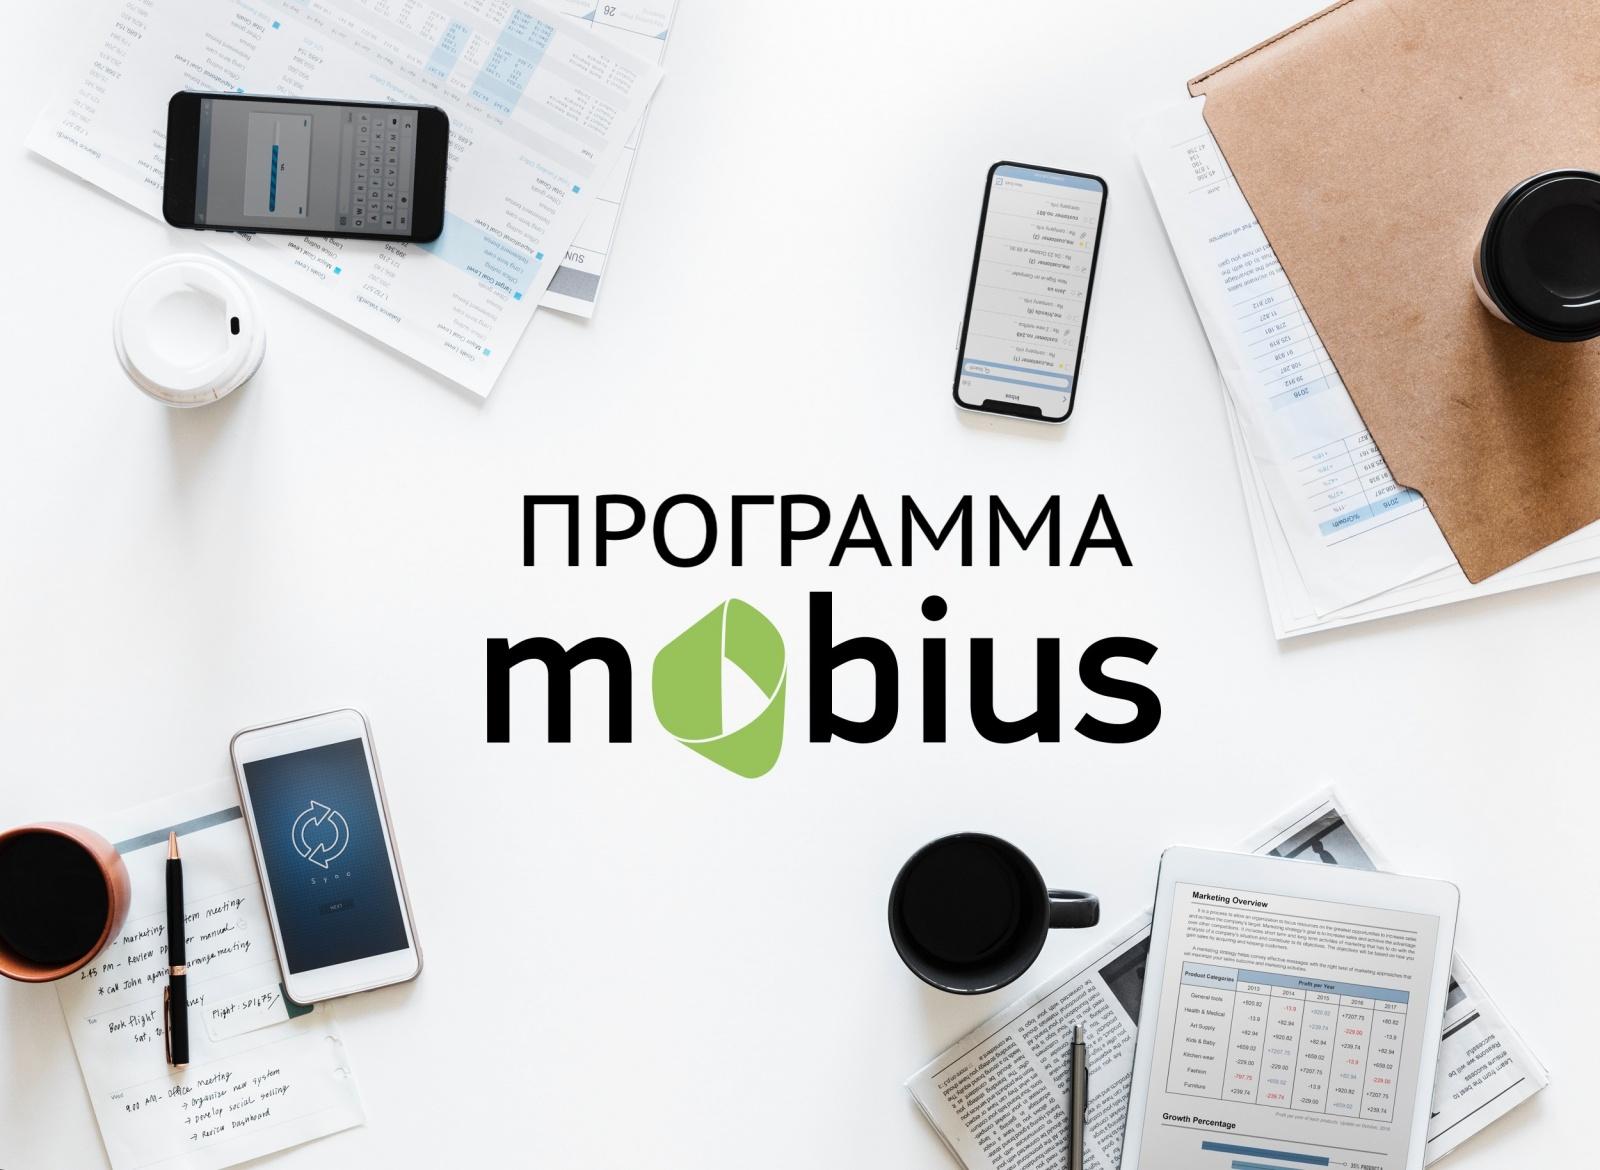 От корутин до ARKit: всё, о чём можно будет узнать на Mobius 2018 Piter - 1